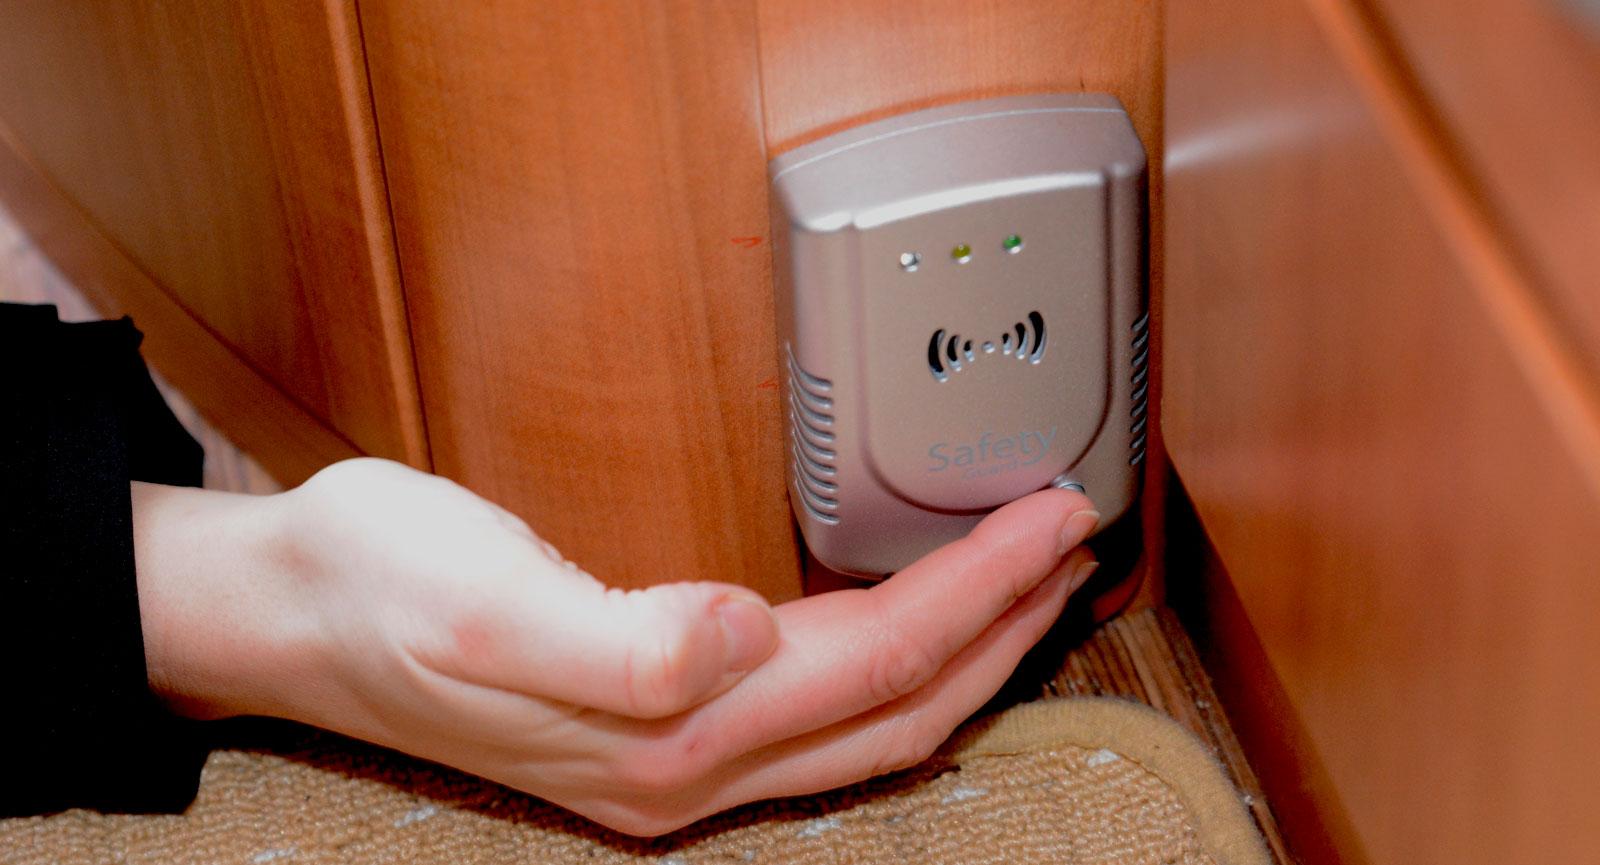 Gasvarnare ska monteras lågt eftersom gasol sjunker mot golvet vid ett eventuellt läckage. Vissa gasvarnare funktionstestas med en testknapp. Om en sådan saknas kan man testa gasvarnaren genom att trycka ut gas från tändare vid gasvarnaren.